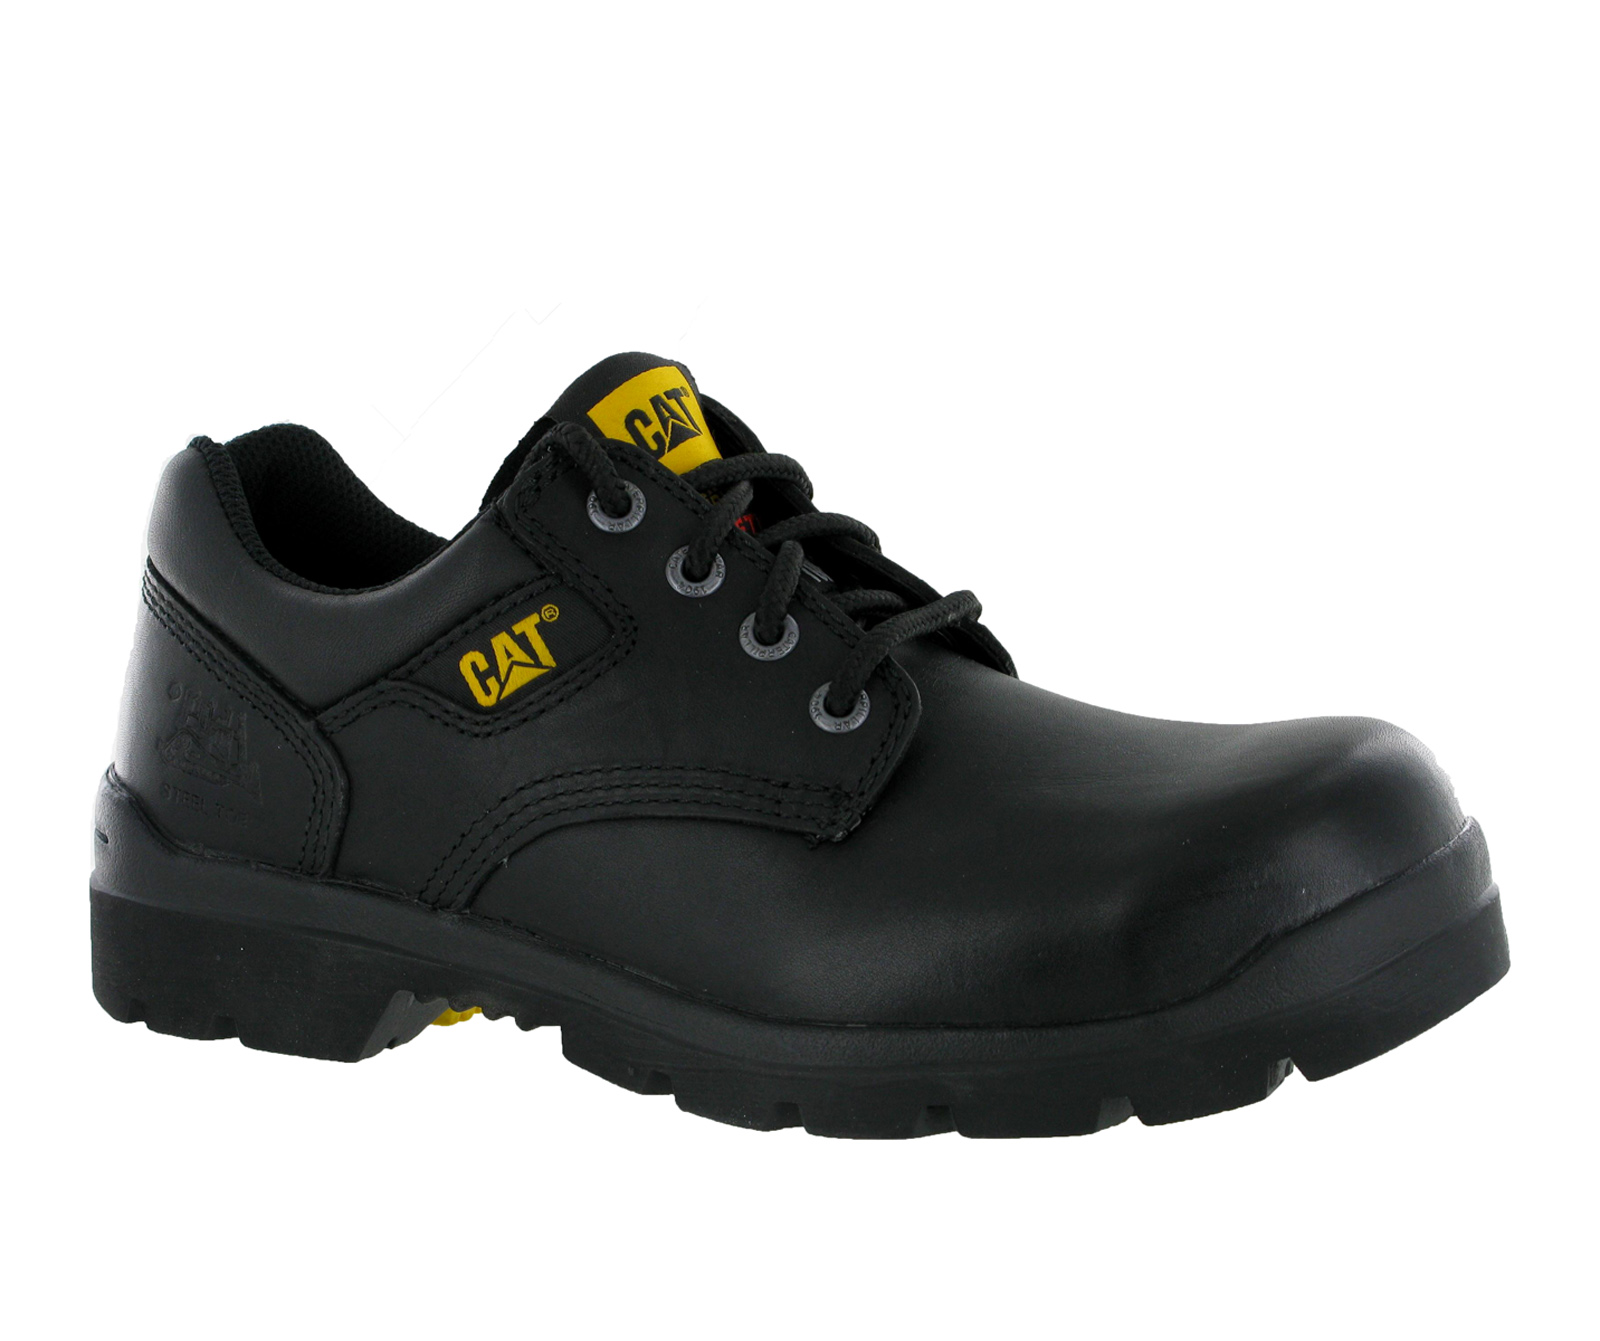 new mens caterpillar rig black steel toe cap safety formal